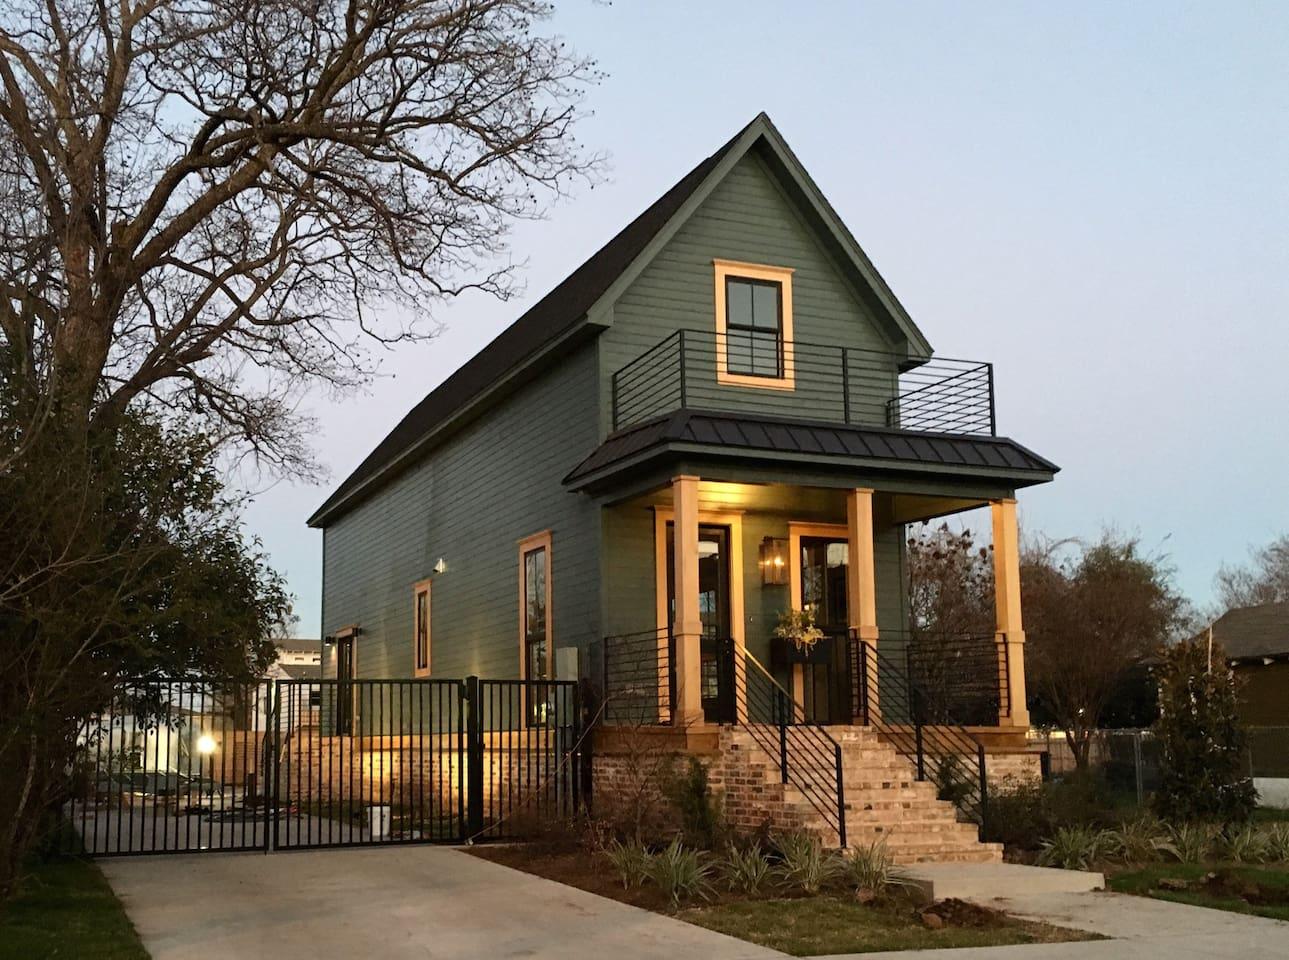 Shotgun House - Waco Airbnb